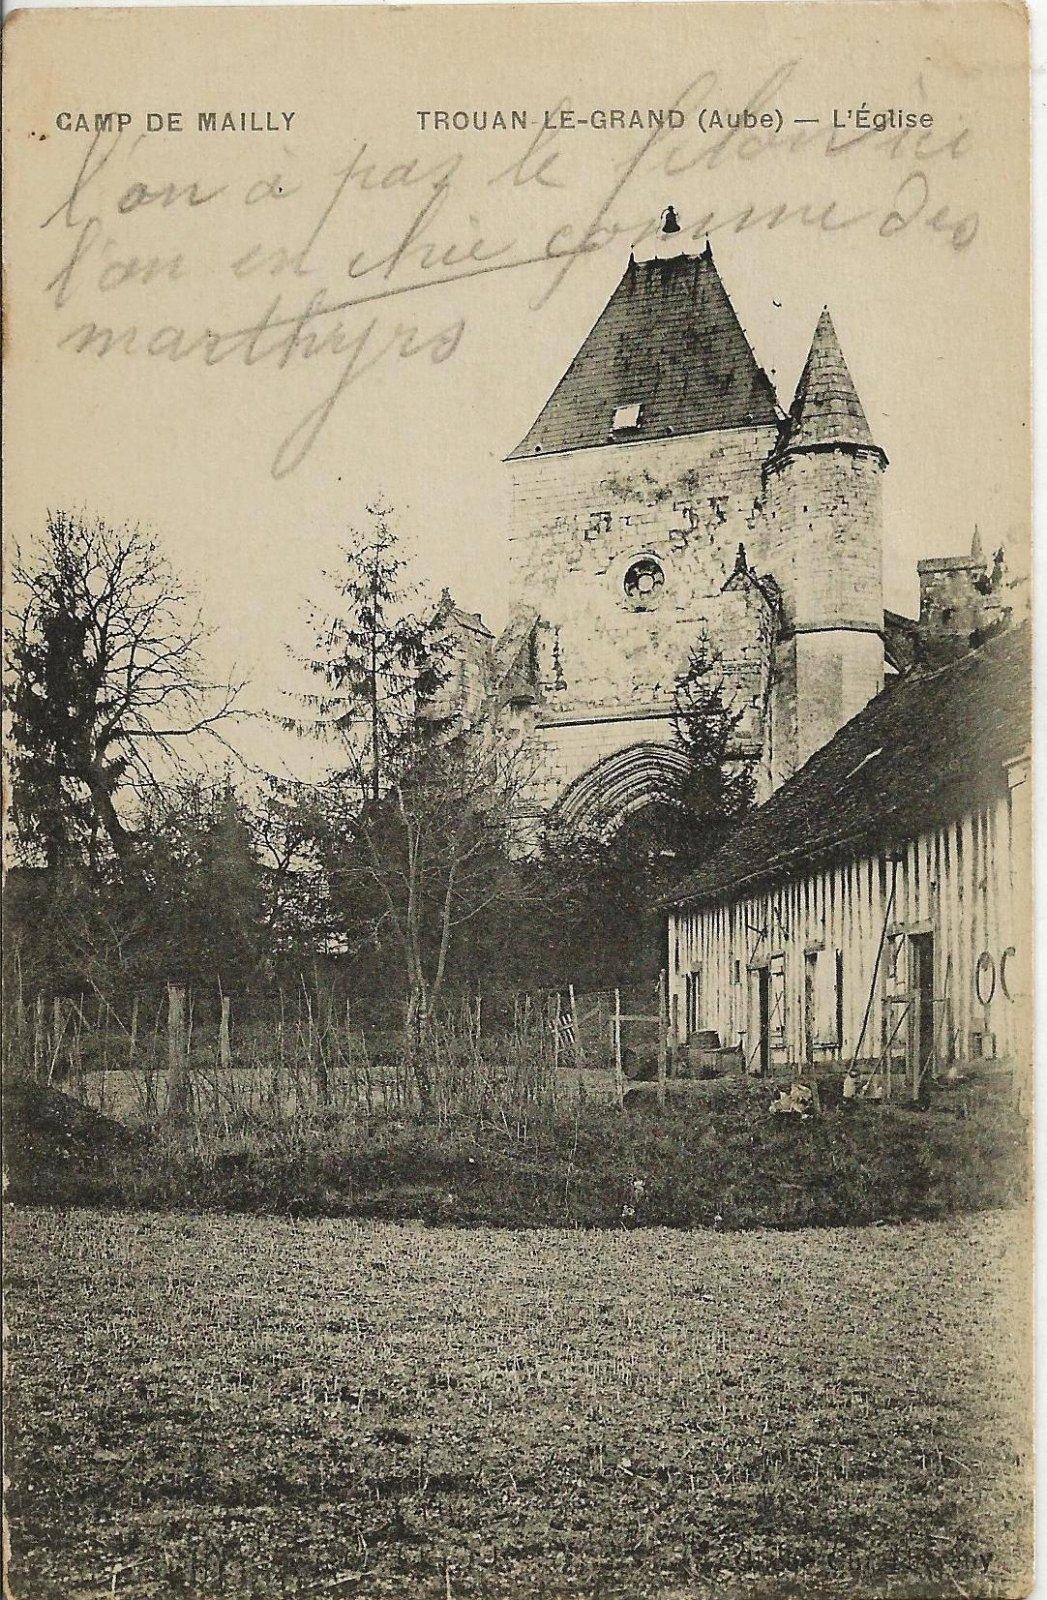 camp de mailly 1917